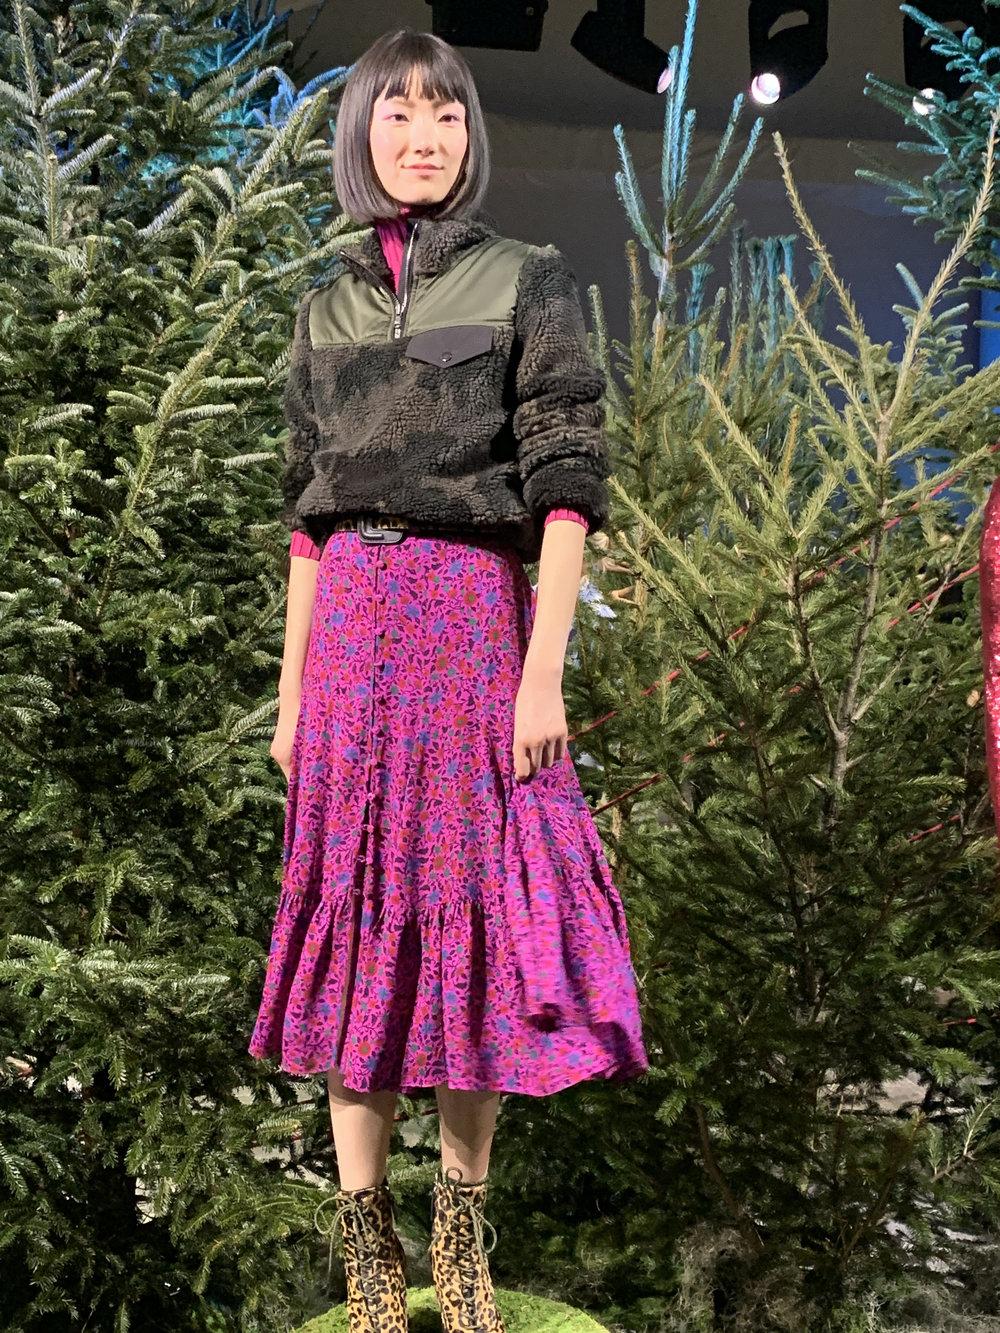 Model is wearing: Berry NELLIE Turtleneck, Floral LASANNA Dress, Camo KYLAN Sherpa Pullover, Leopard MAEVA Belt, Leopard Paula Boots